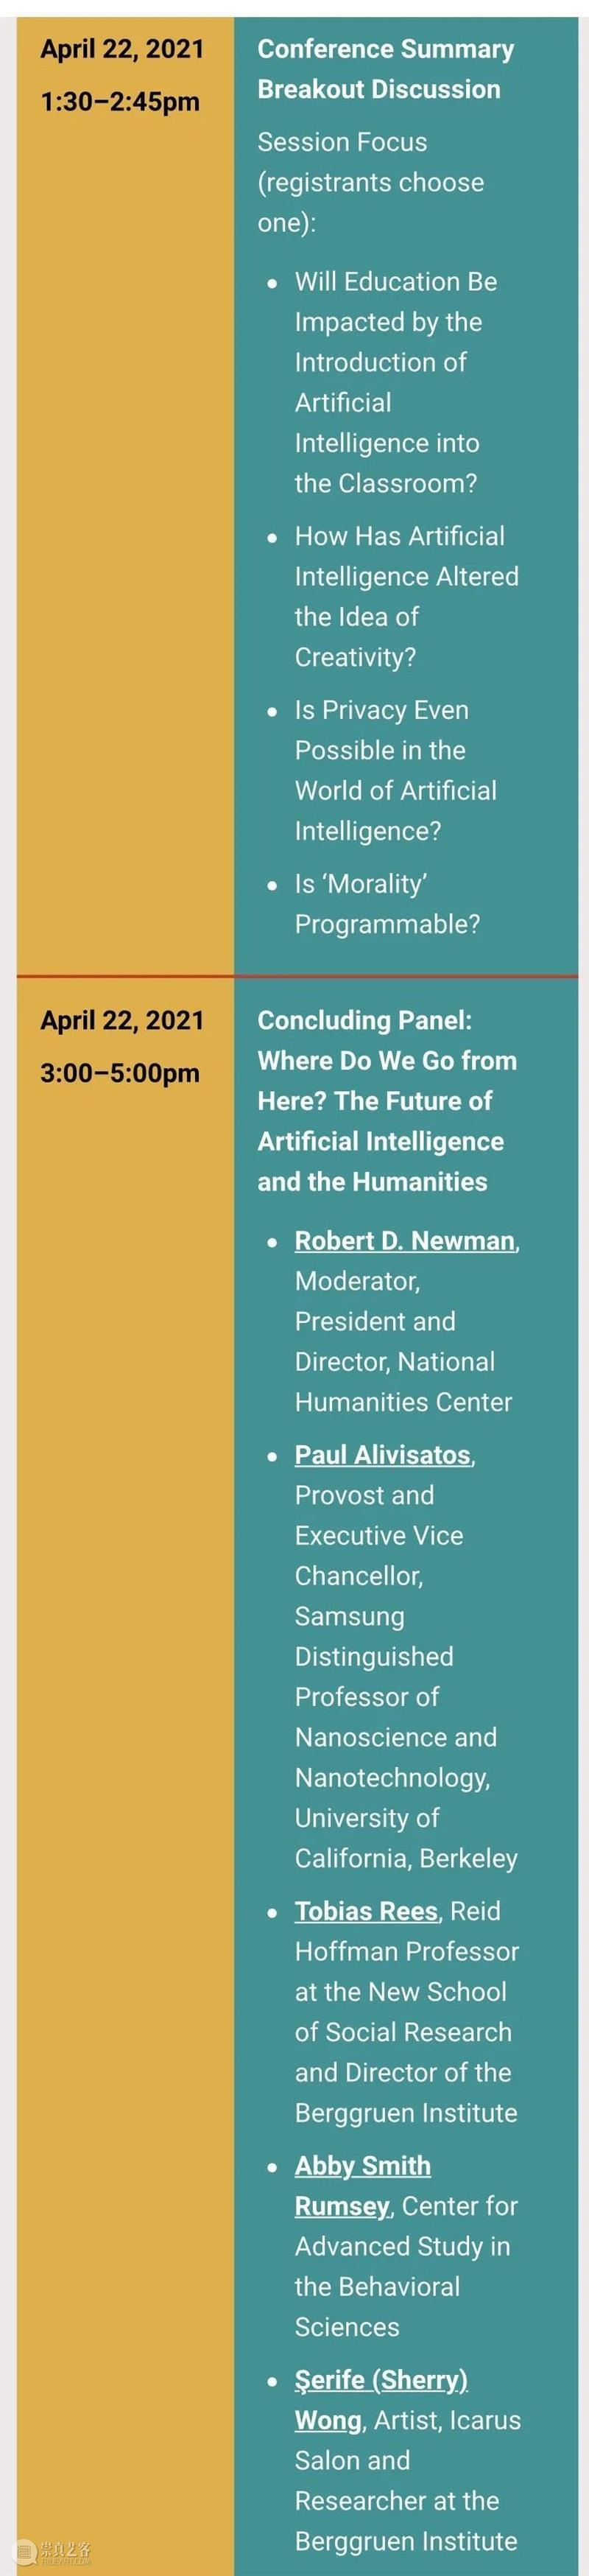 会议 | 批判的十字路口:在人文科学与人工智能之间  NHC 十字路口 人文科学 人工智能 之间 会议 April Humanities 日常生活 业务 医疗 崇真艺客